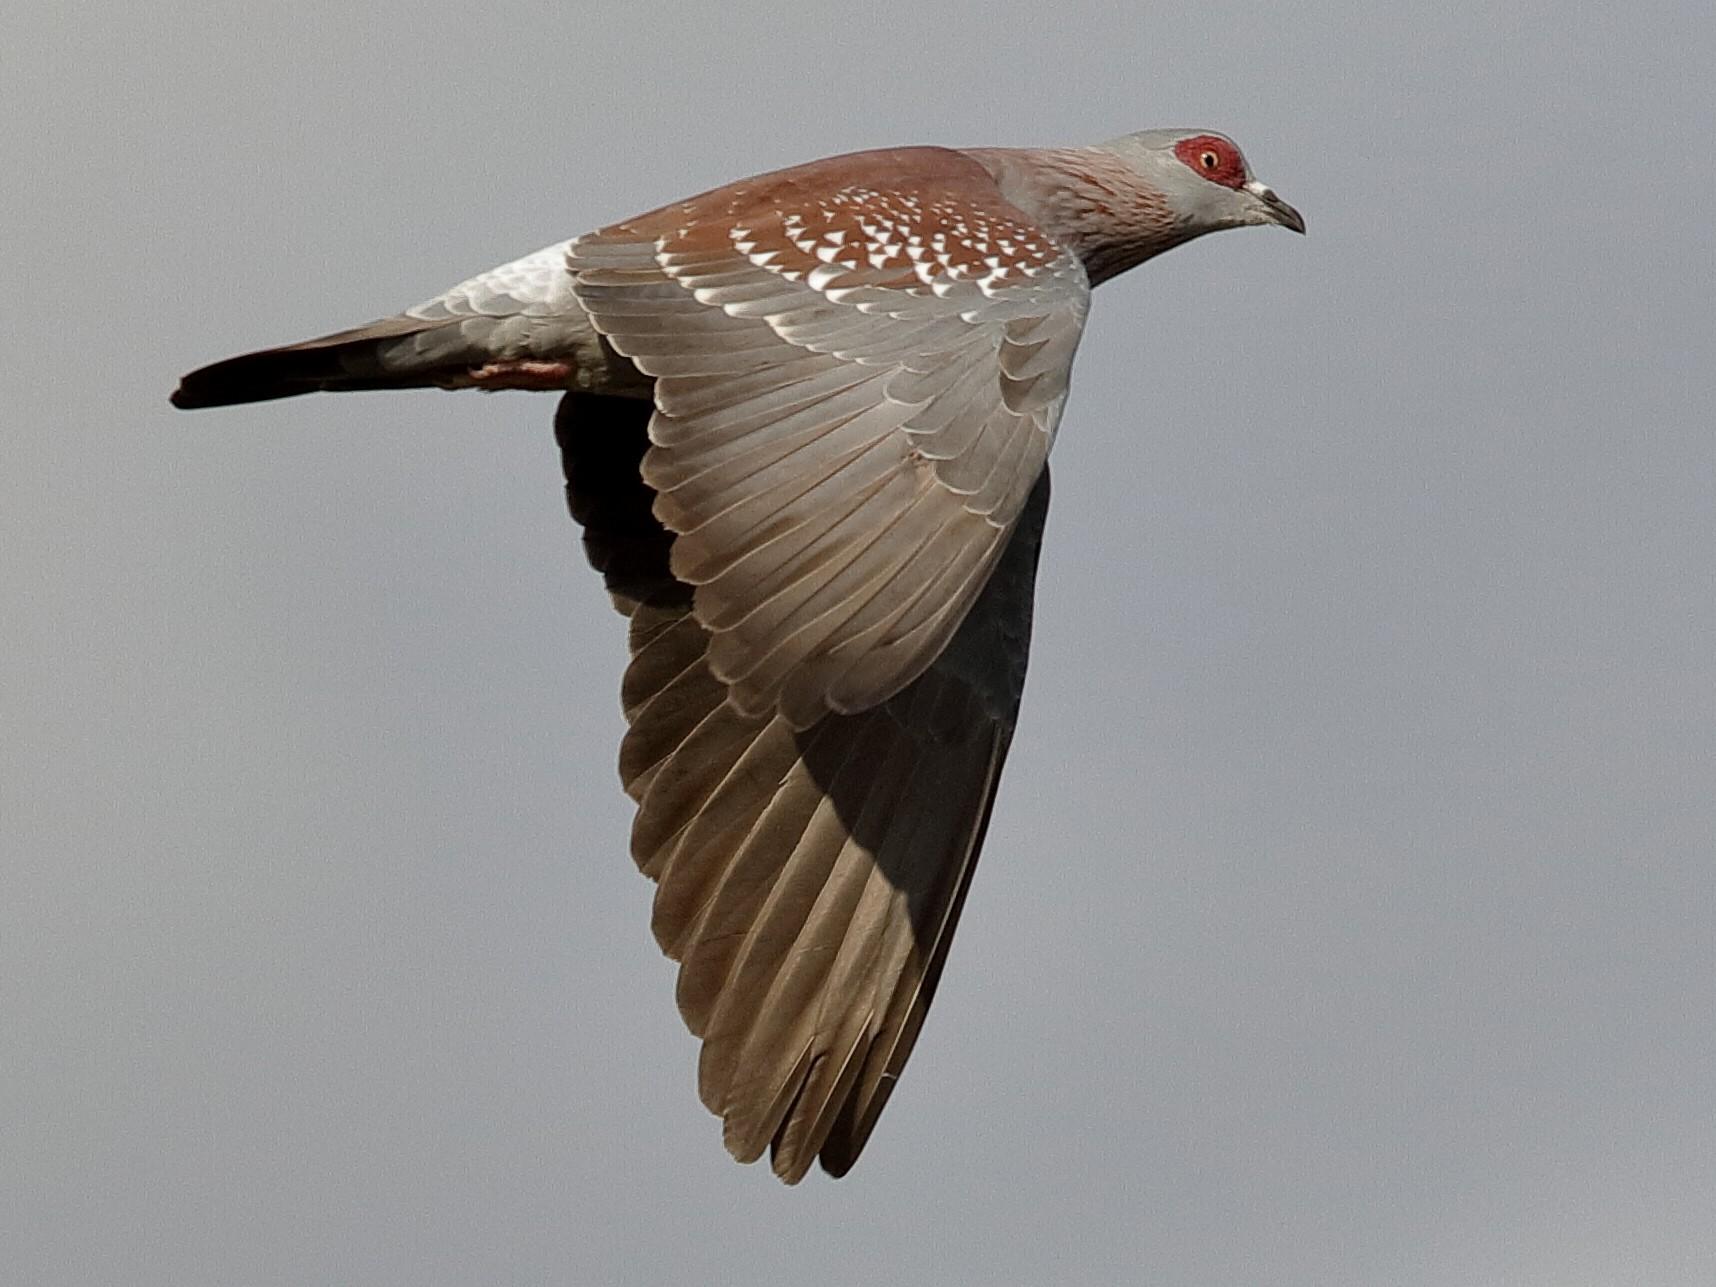 Speckled Pigeon - Holger Teichmann